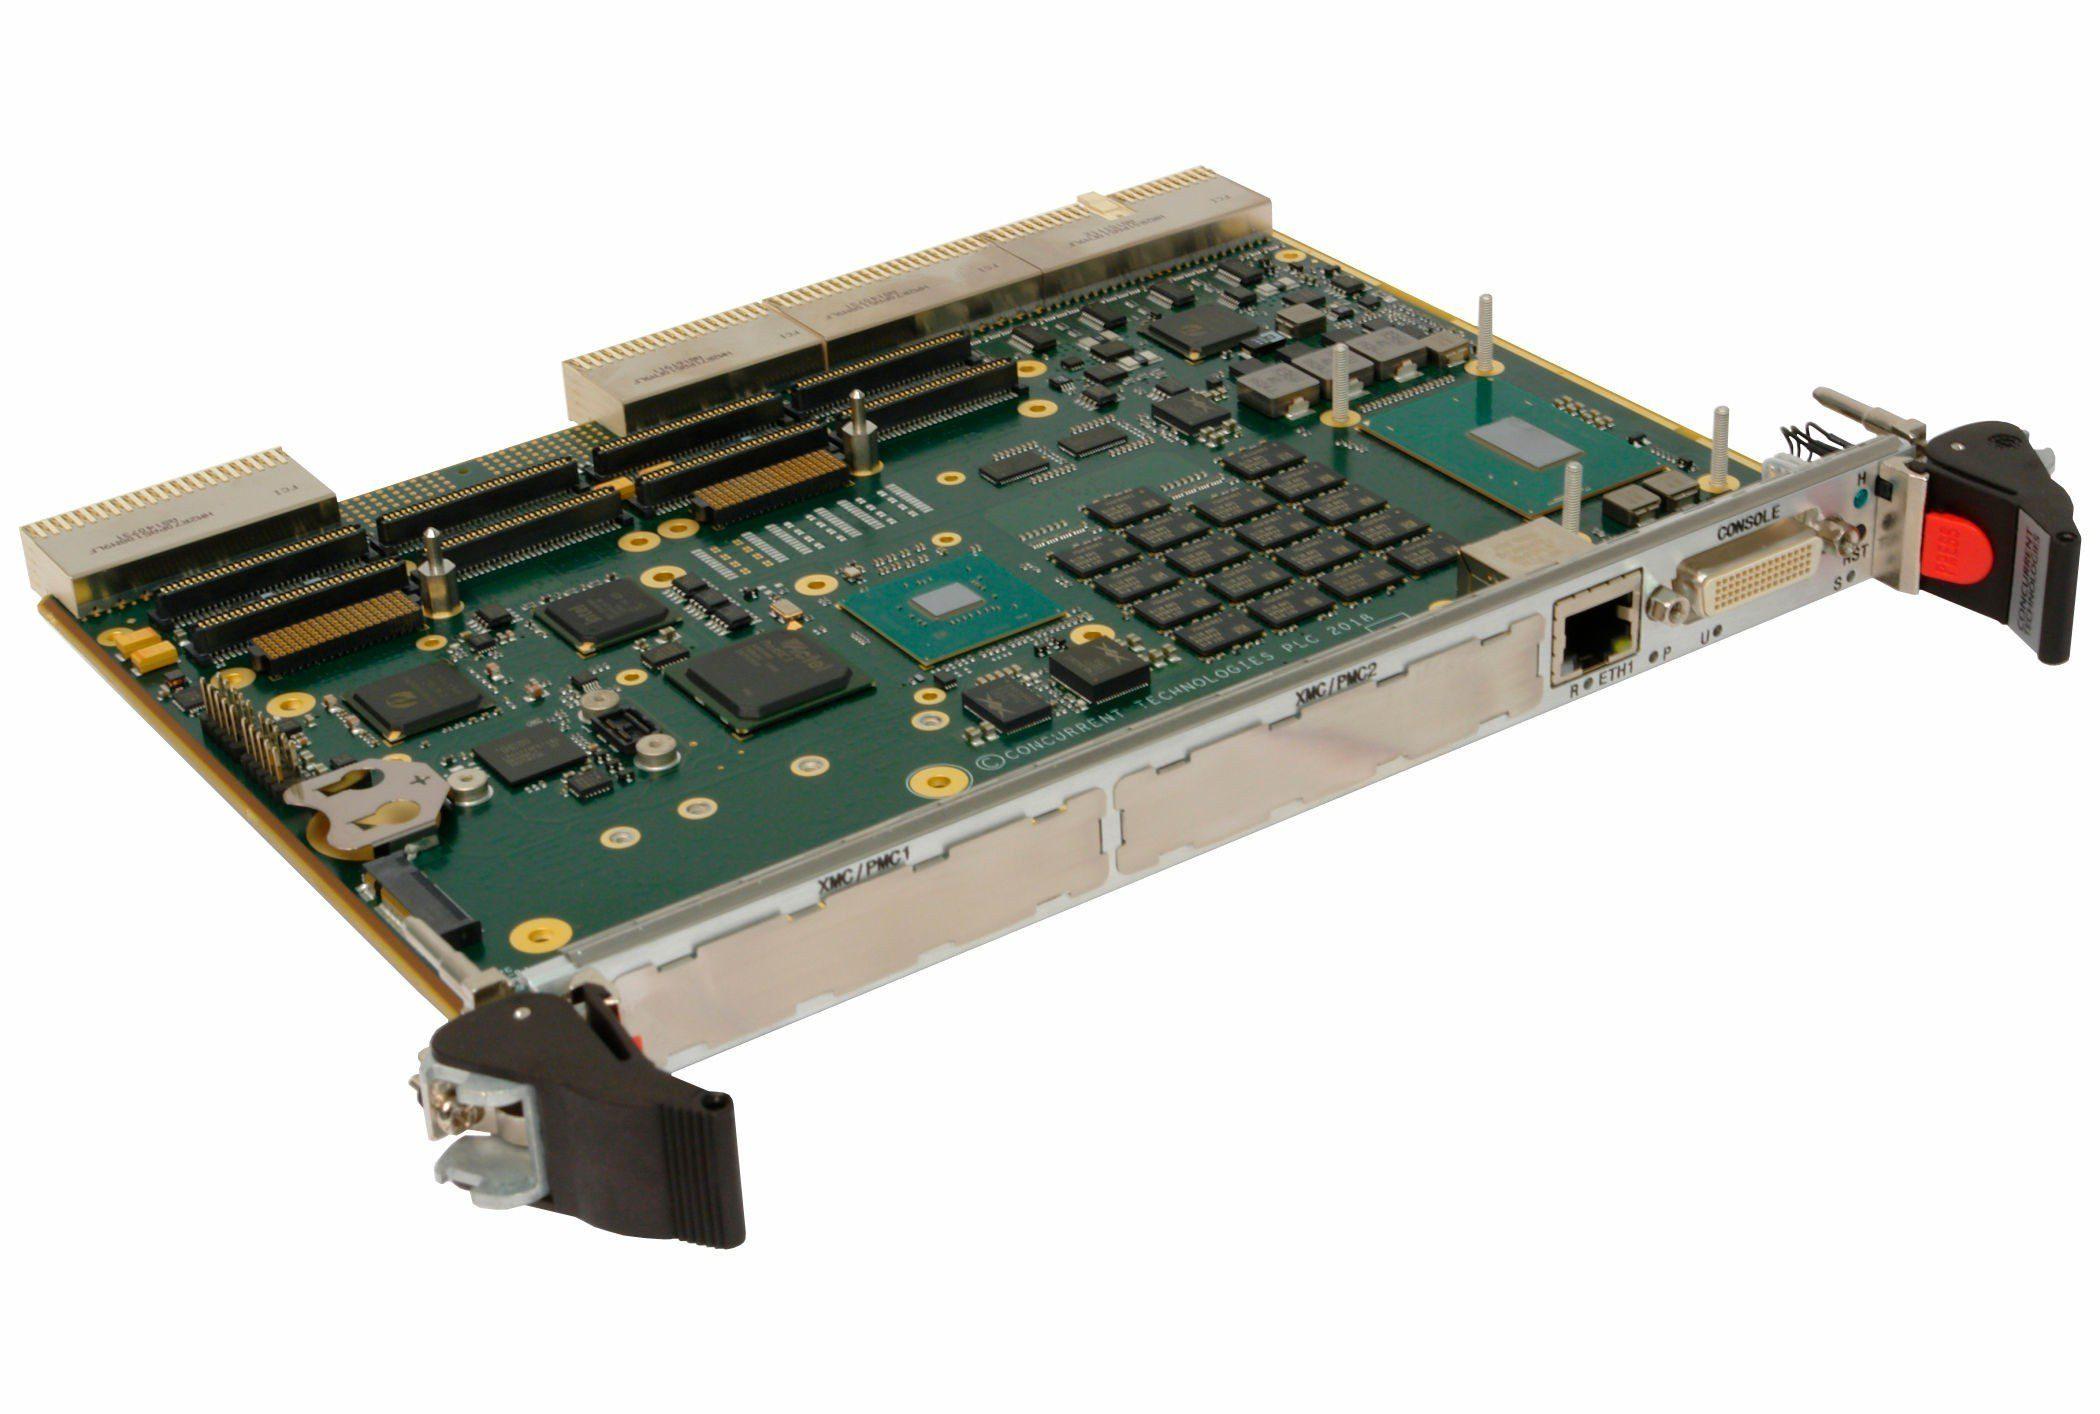 PP B7x/msd & PP B8x/msd — 6U Compact PCI Processor Board